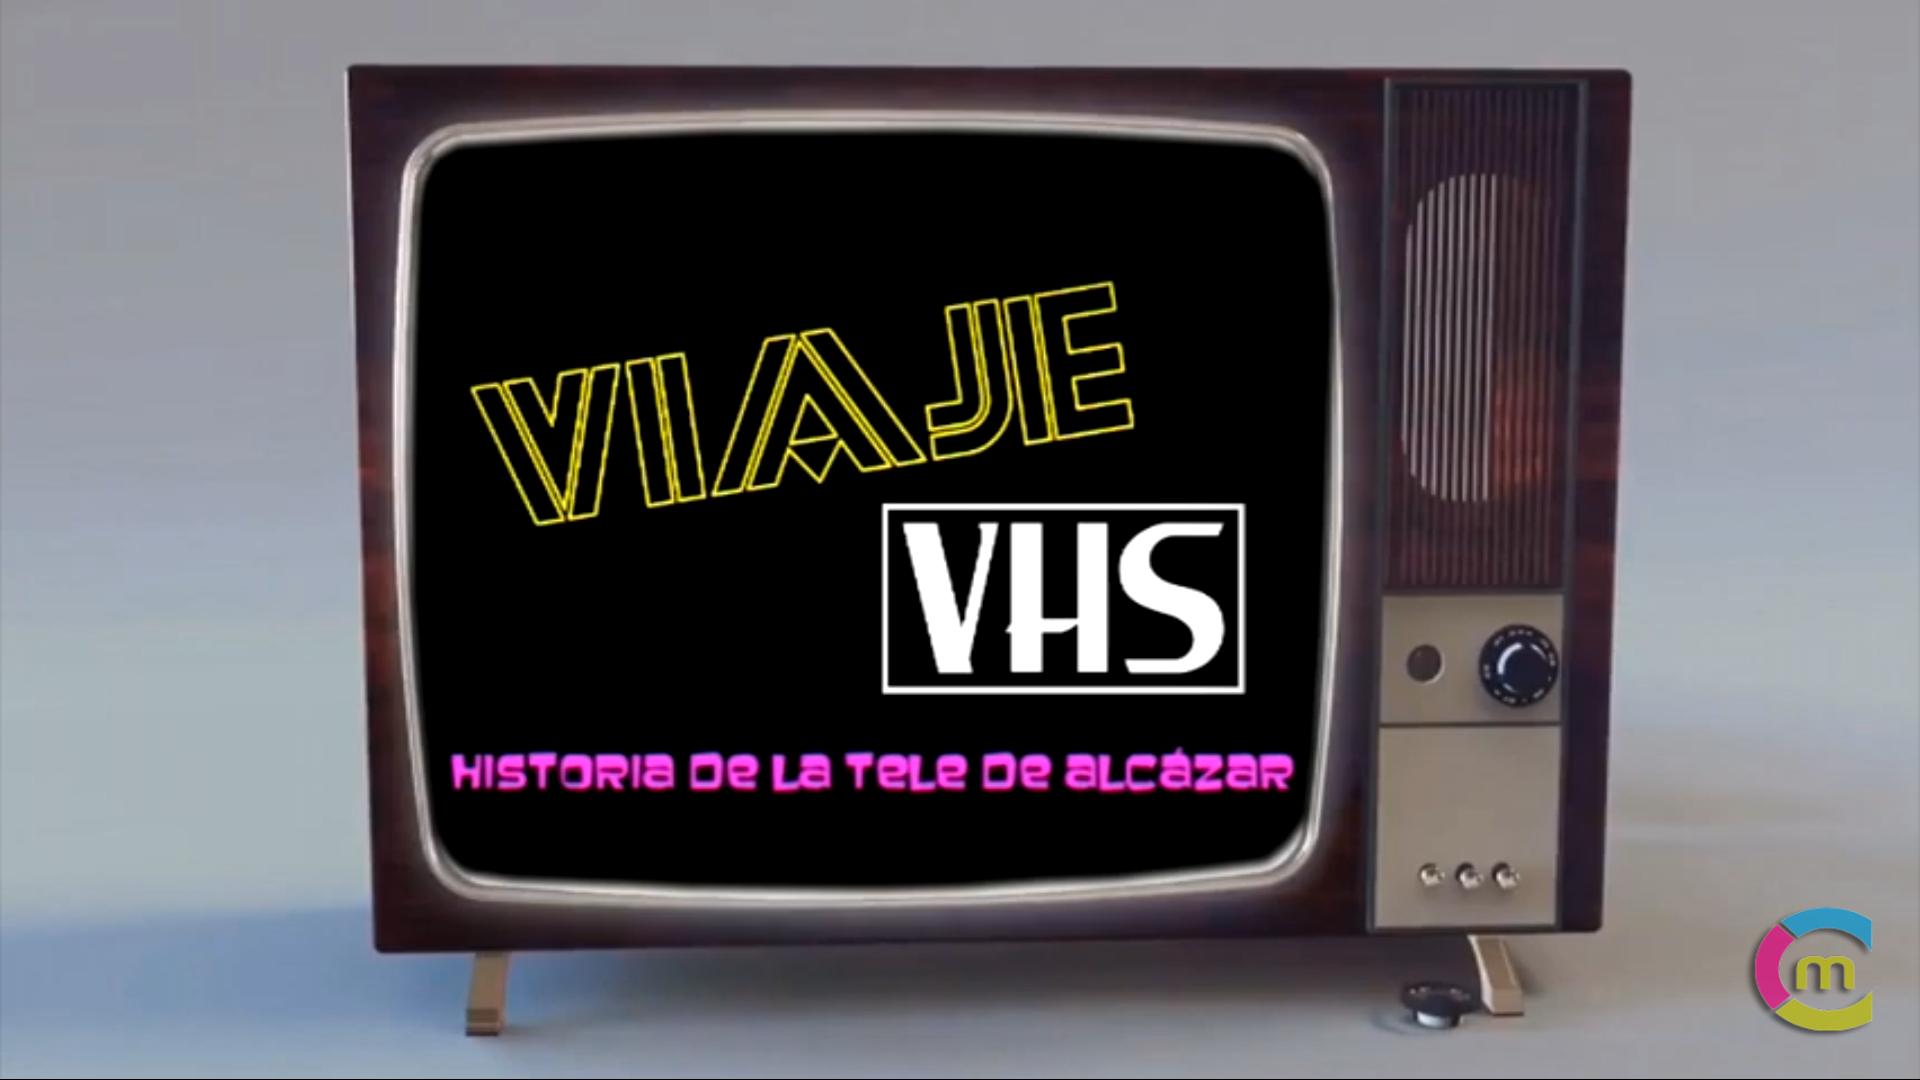 Nº 1 – HISTORIAS POR LA TELE «VIAJE VHS»